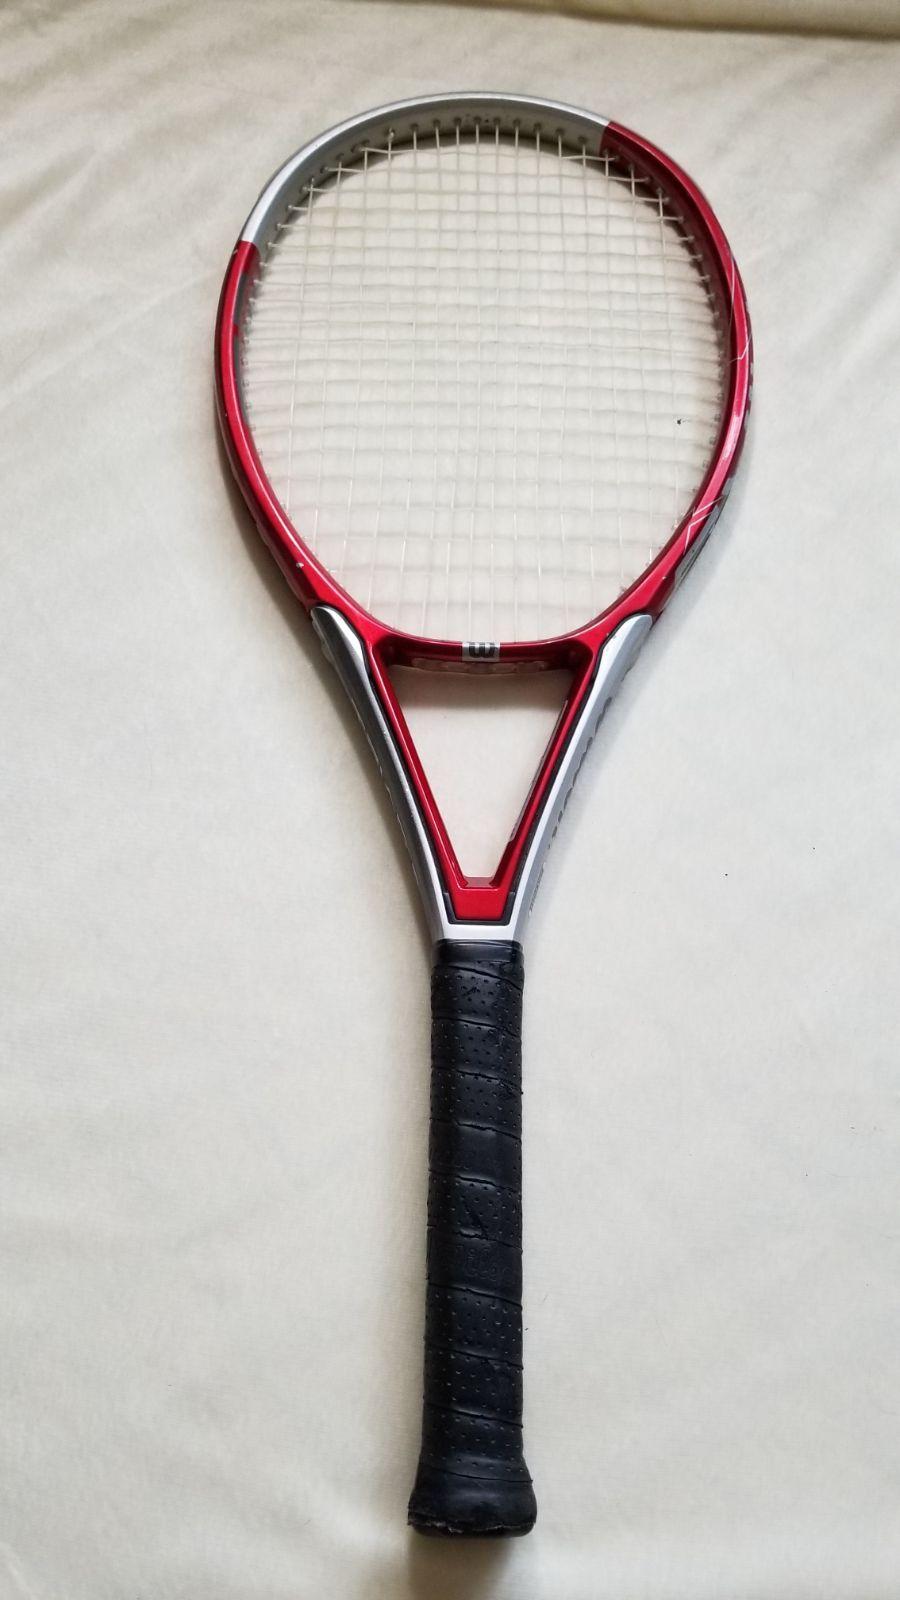 Tennis Racket WILSONTRIAD 5 OVERSIZE Tennis racket